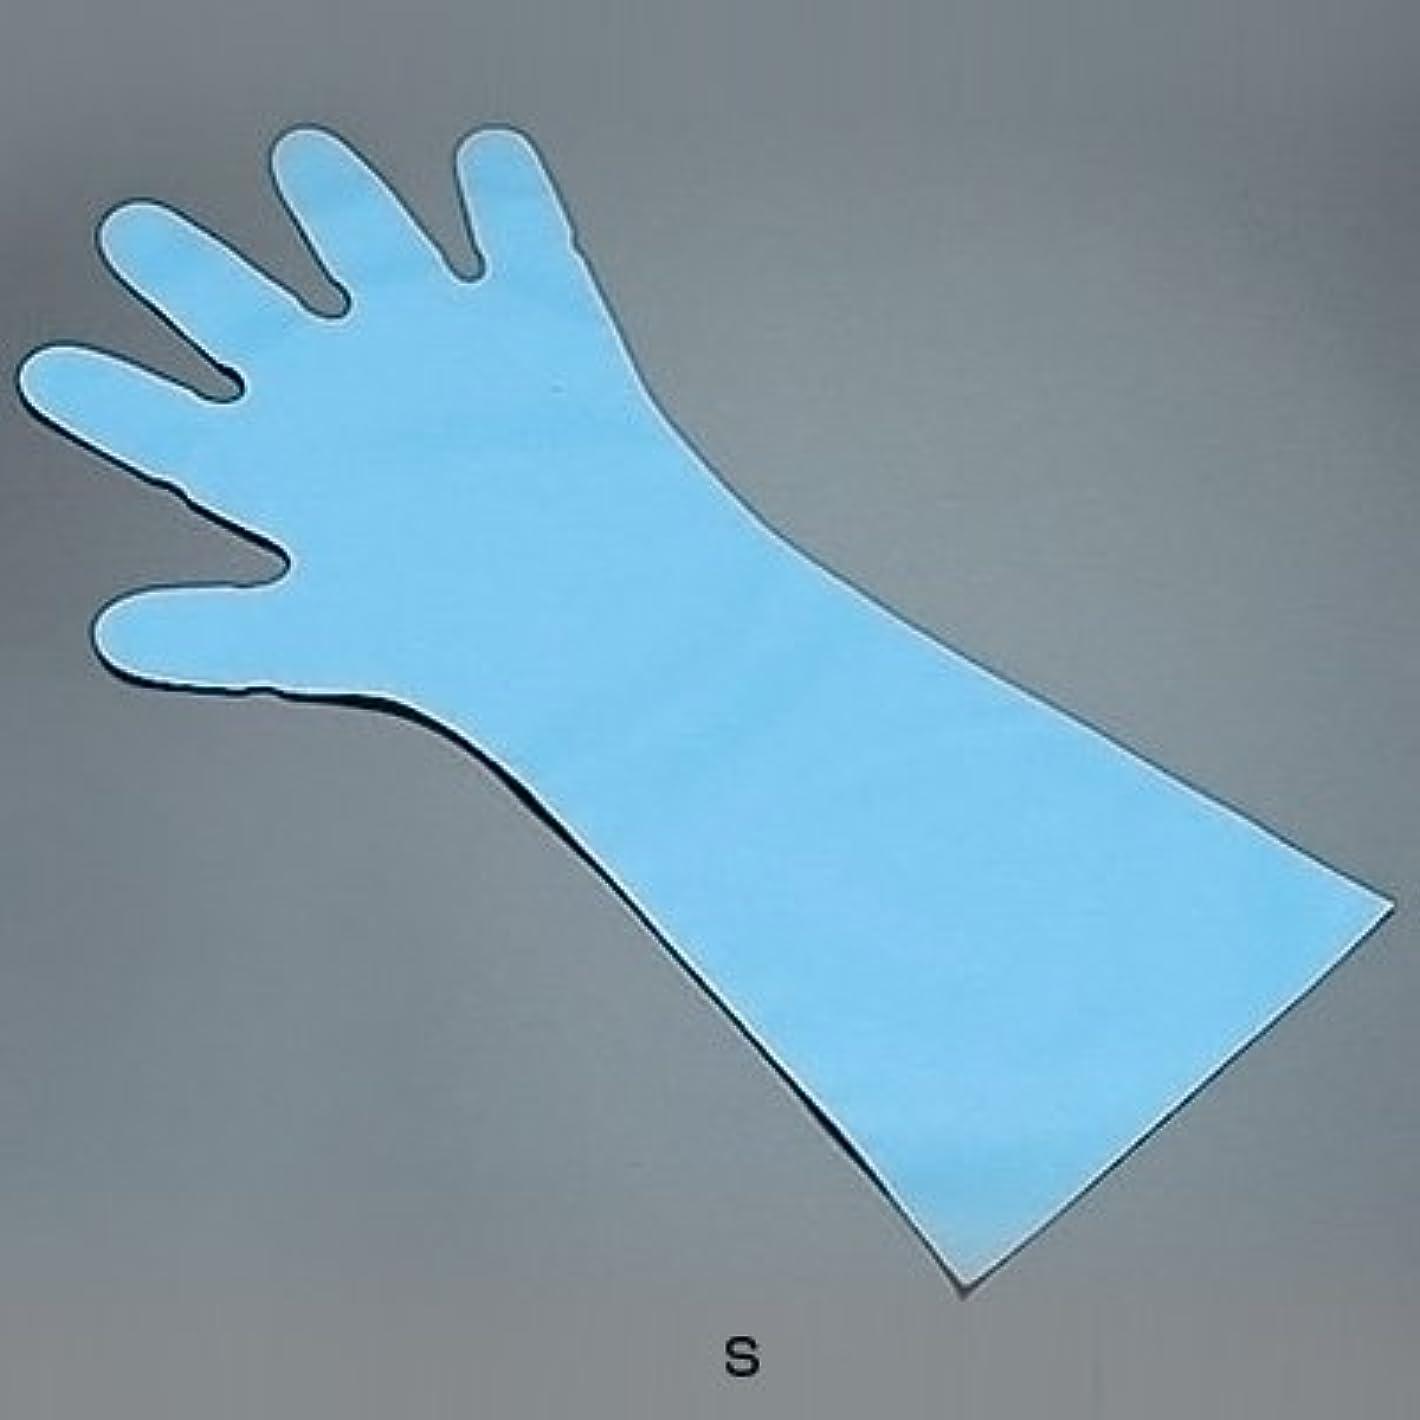 エンボス手袋 五本絞り ロング#50 (1袋50枚入) S 全長45cm <ブルー>